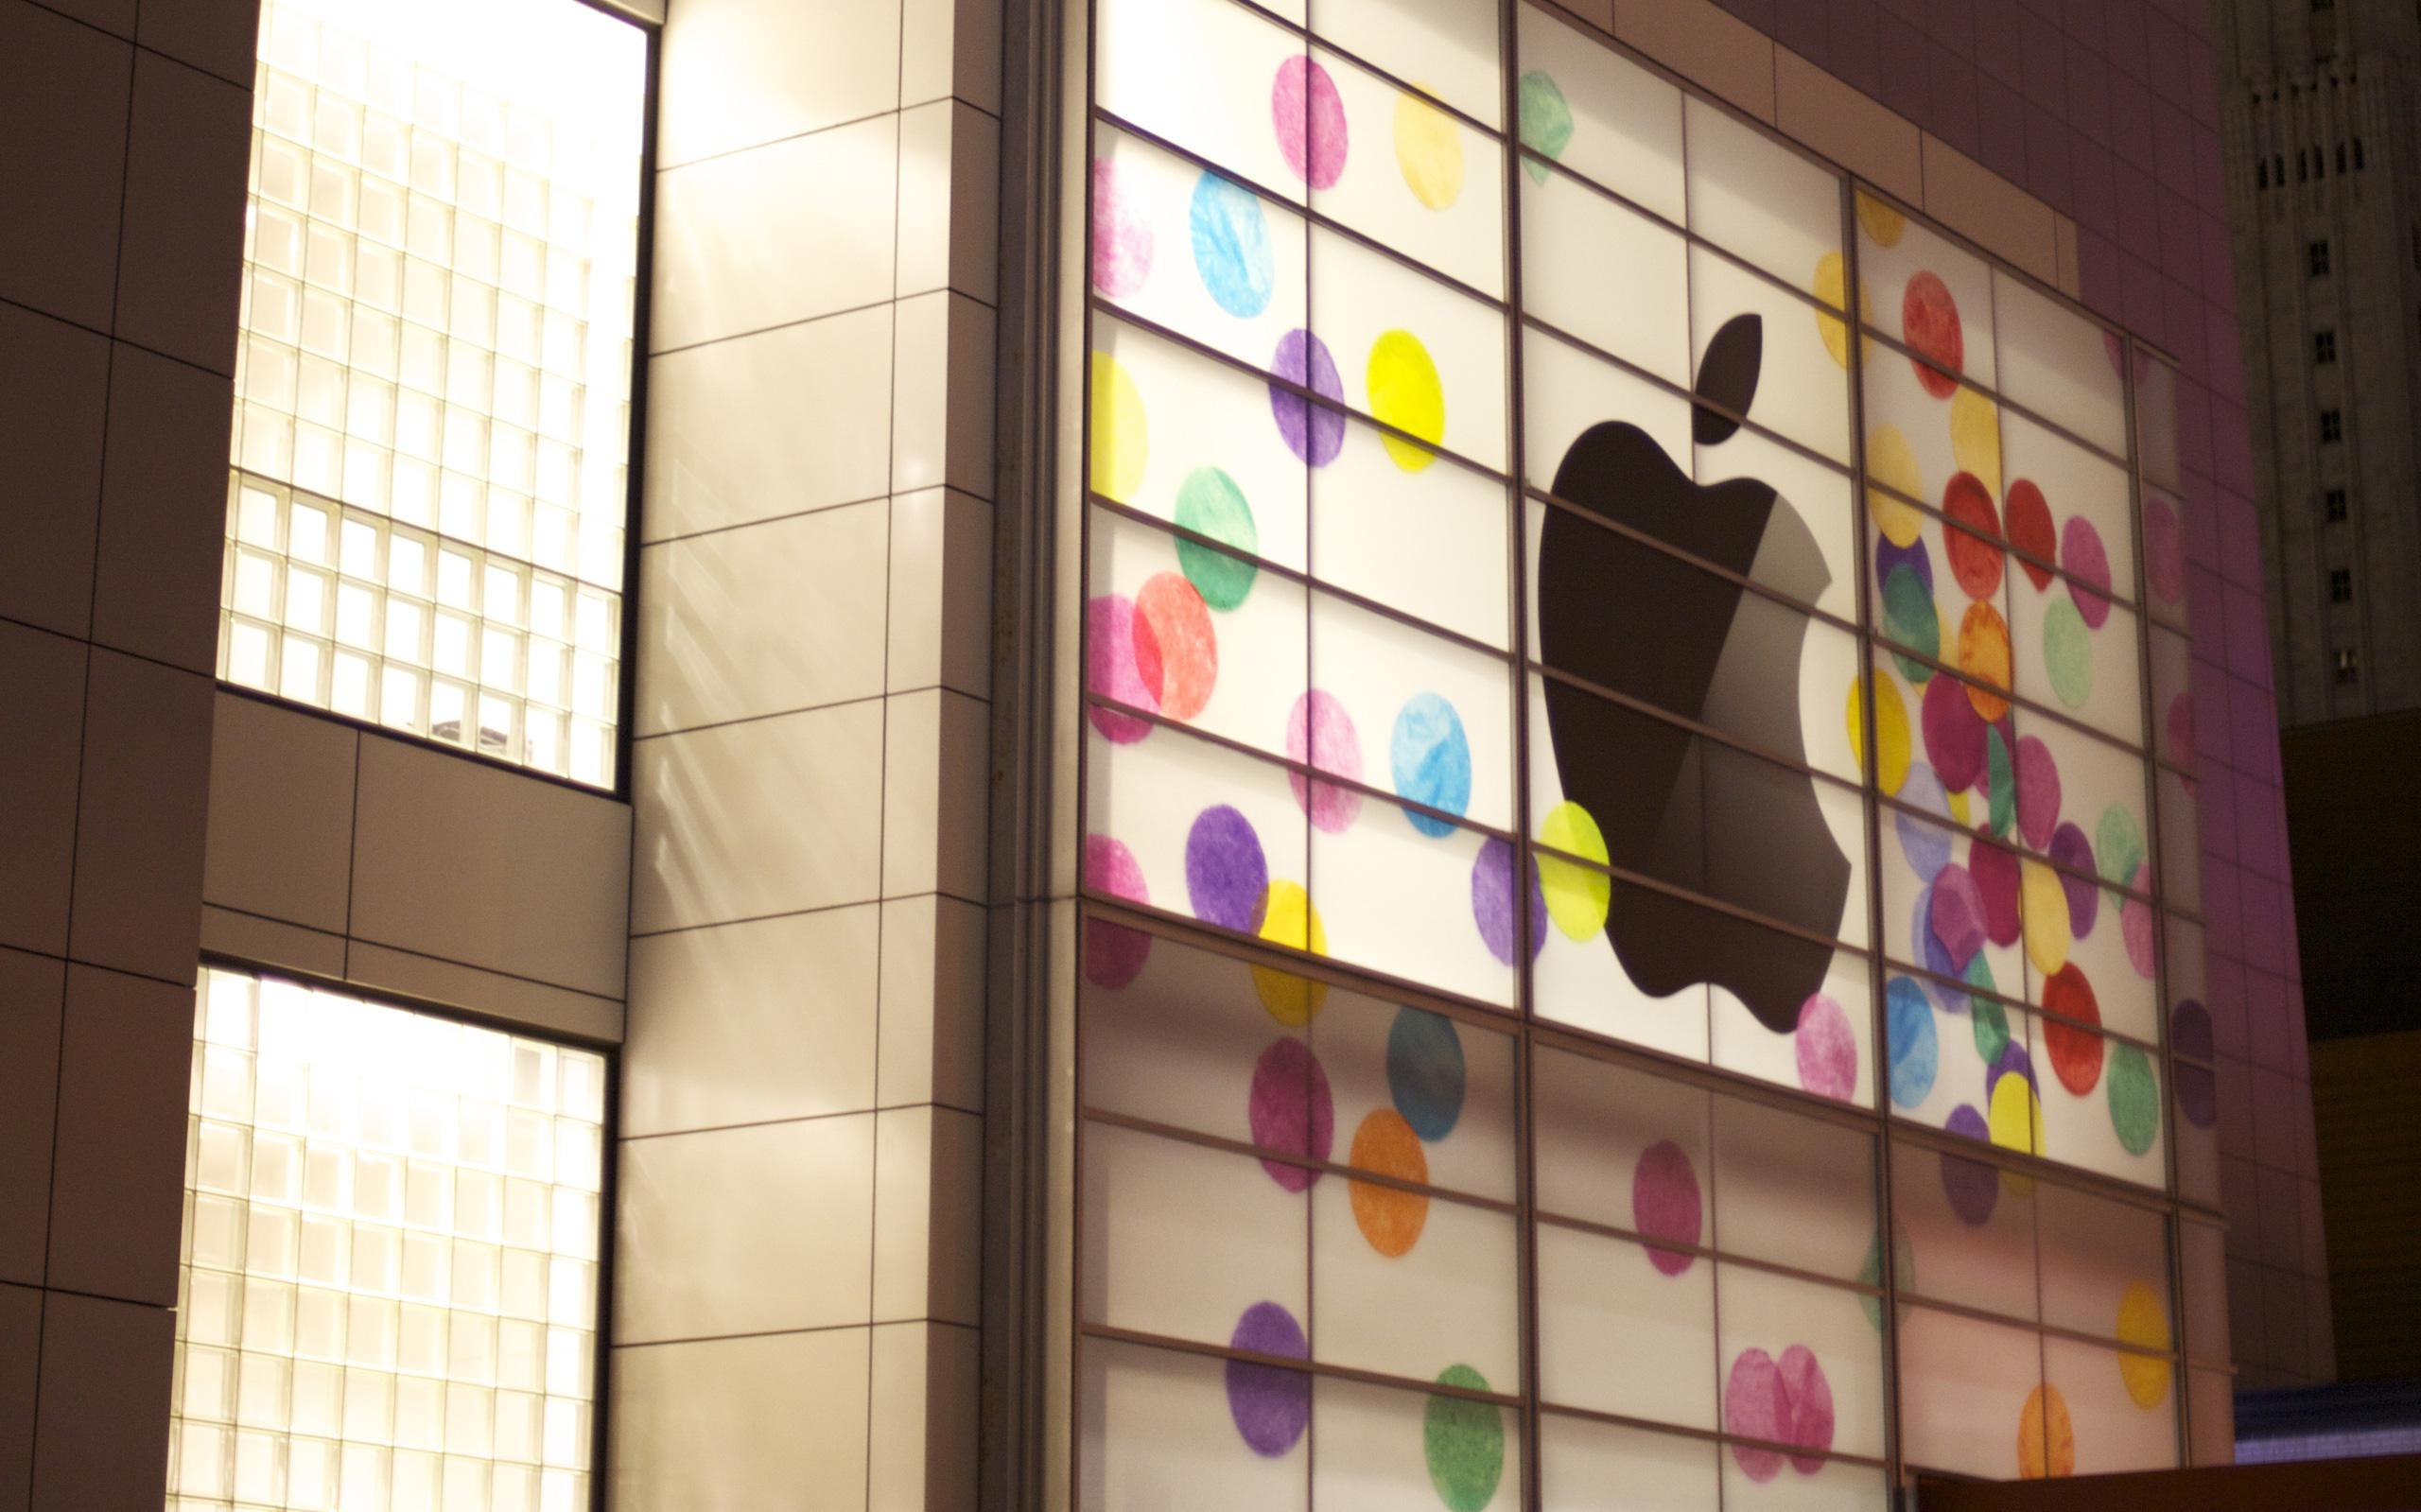 iPhone 12, MacBook vẫn chưa đủ, Apple sẽ tiếp tục giới thiệu sản phẩm mới vào ngày 8/12?